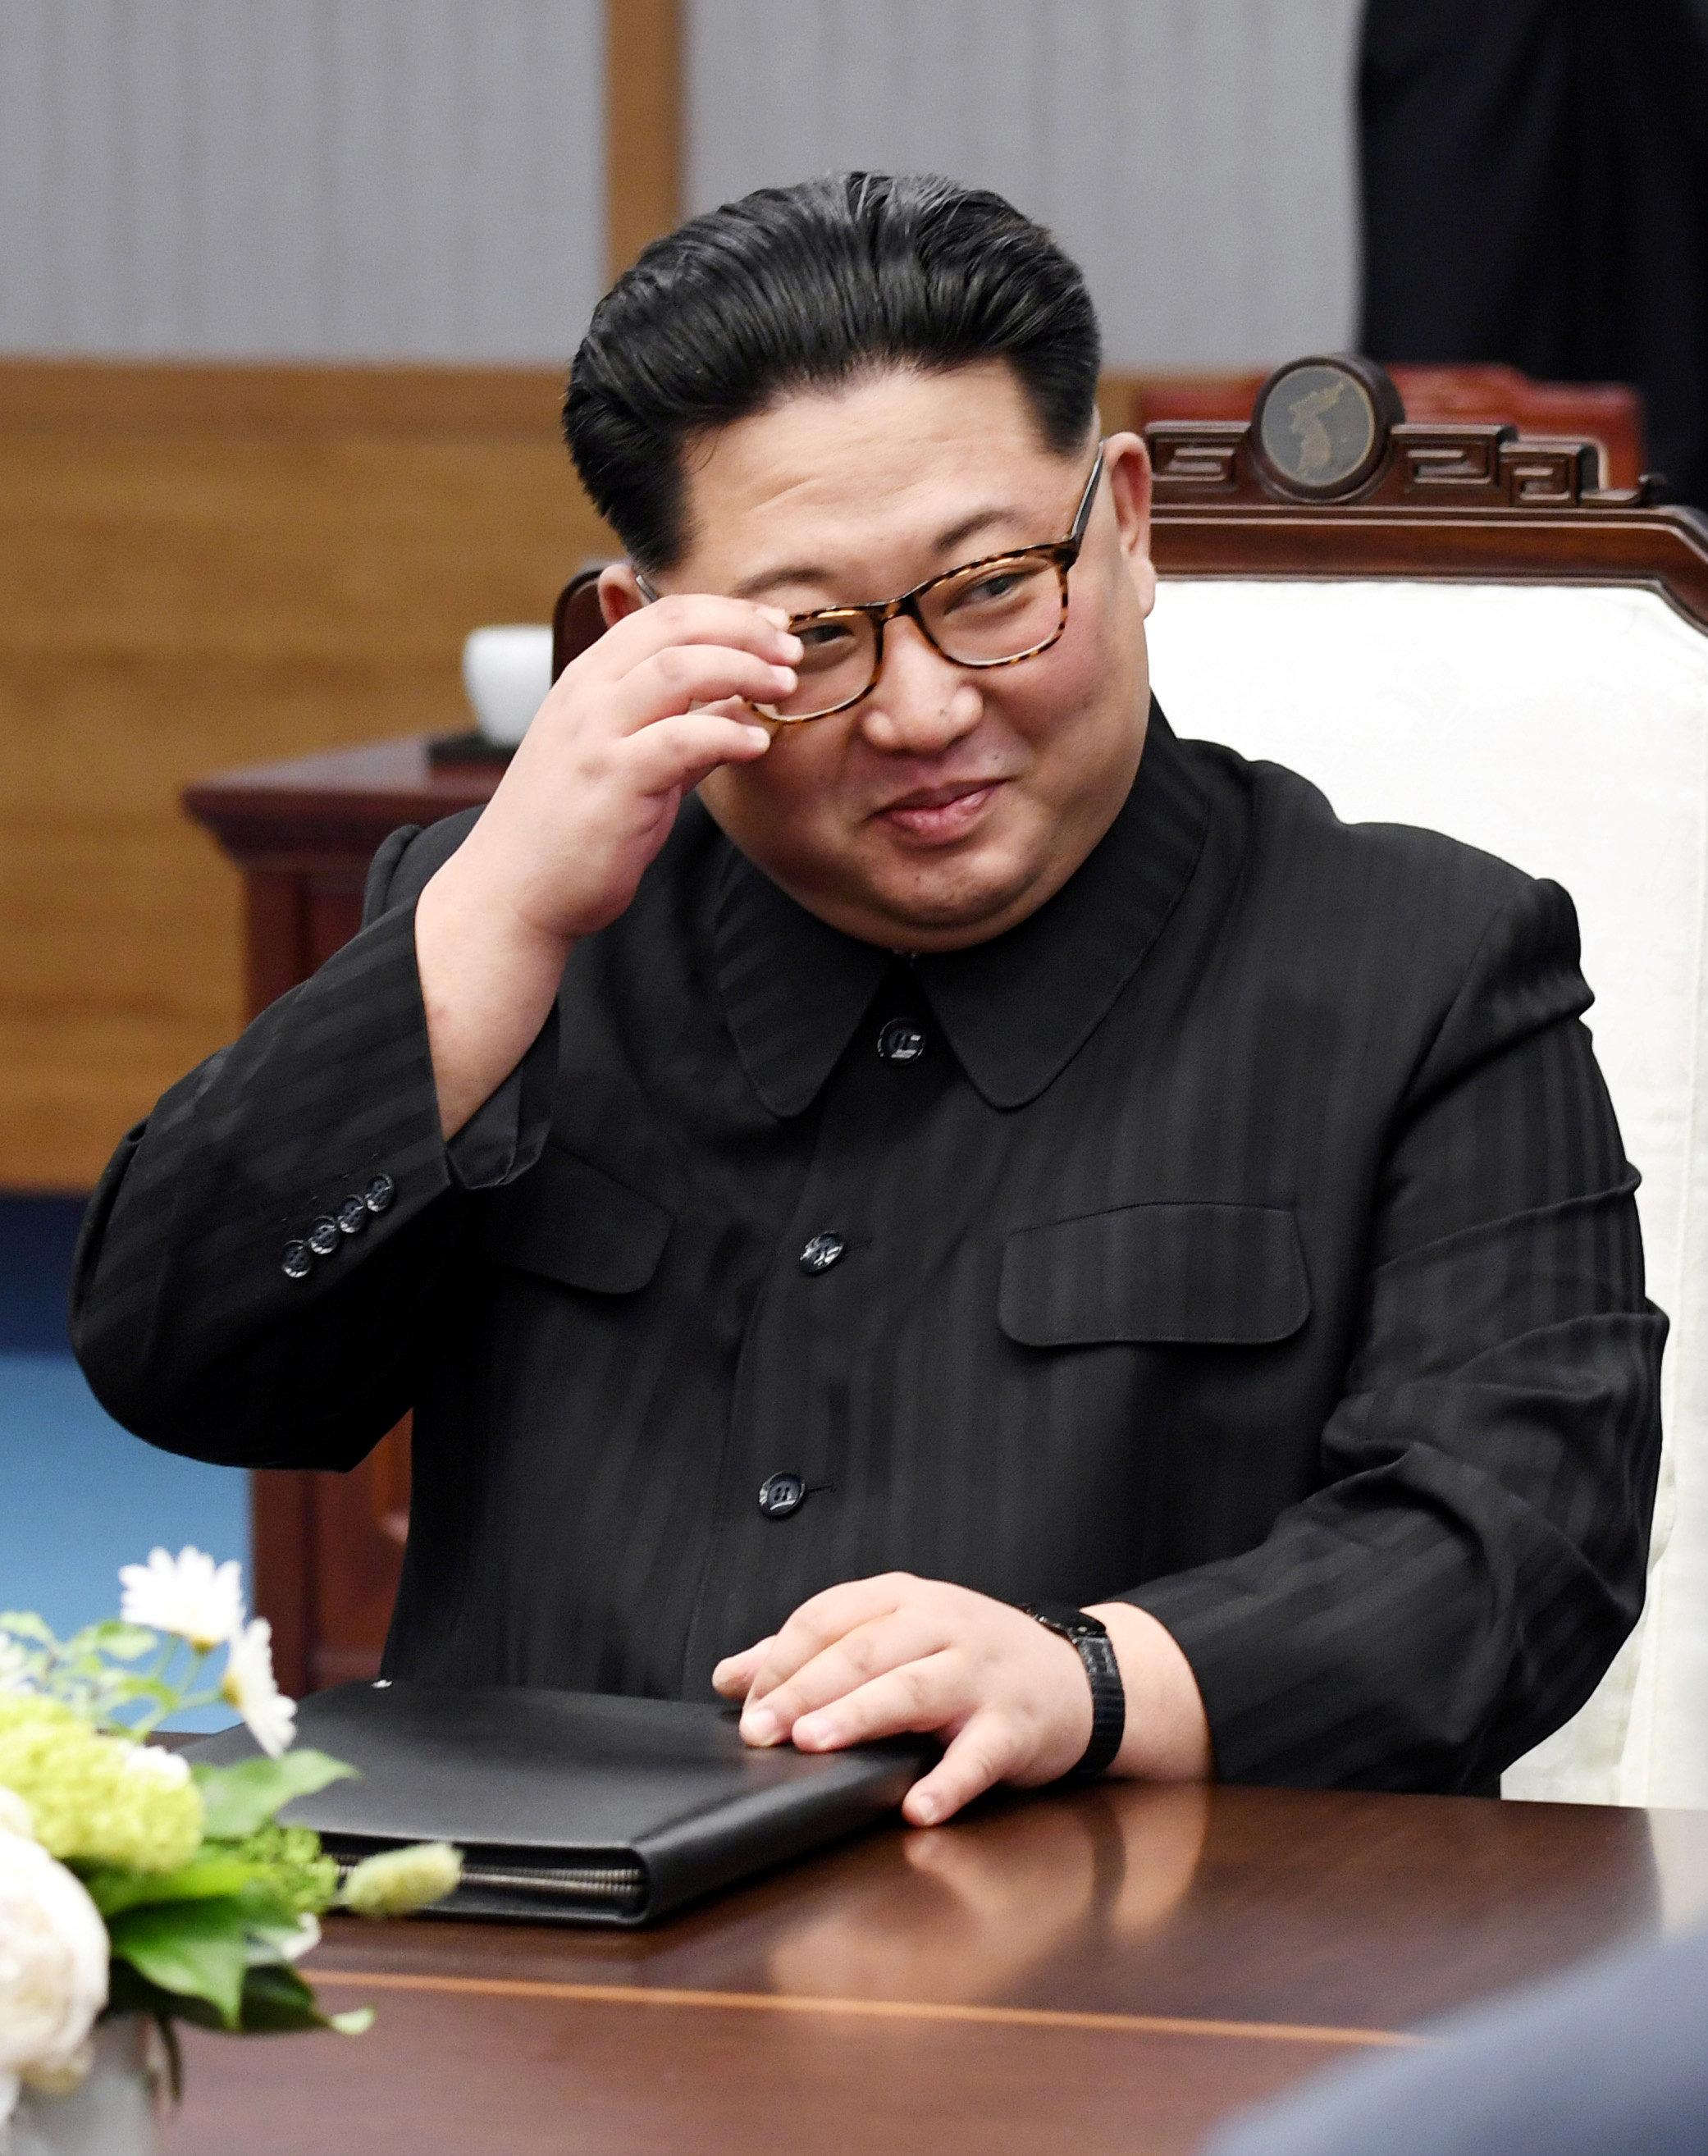 김정은이 백두산에서 '손가락 하트'를 했고, 한국 인터넷은 난리다